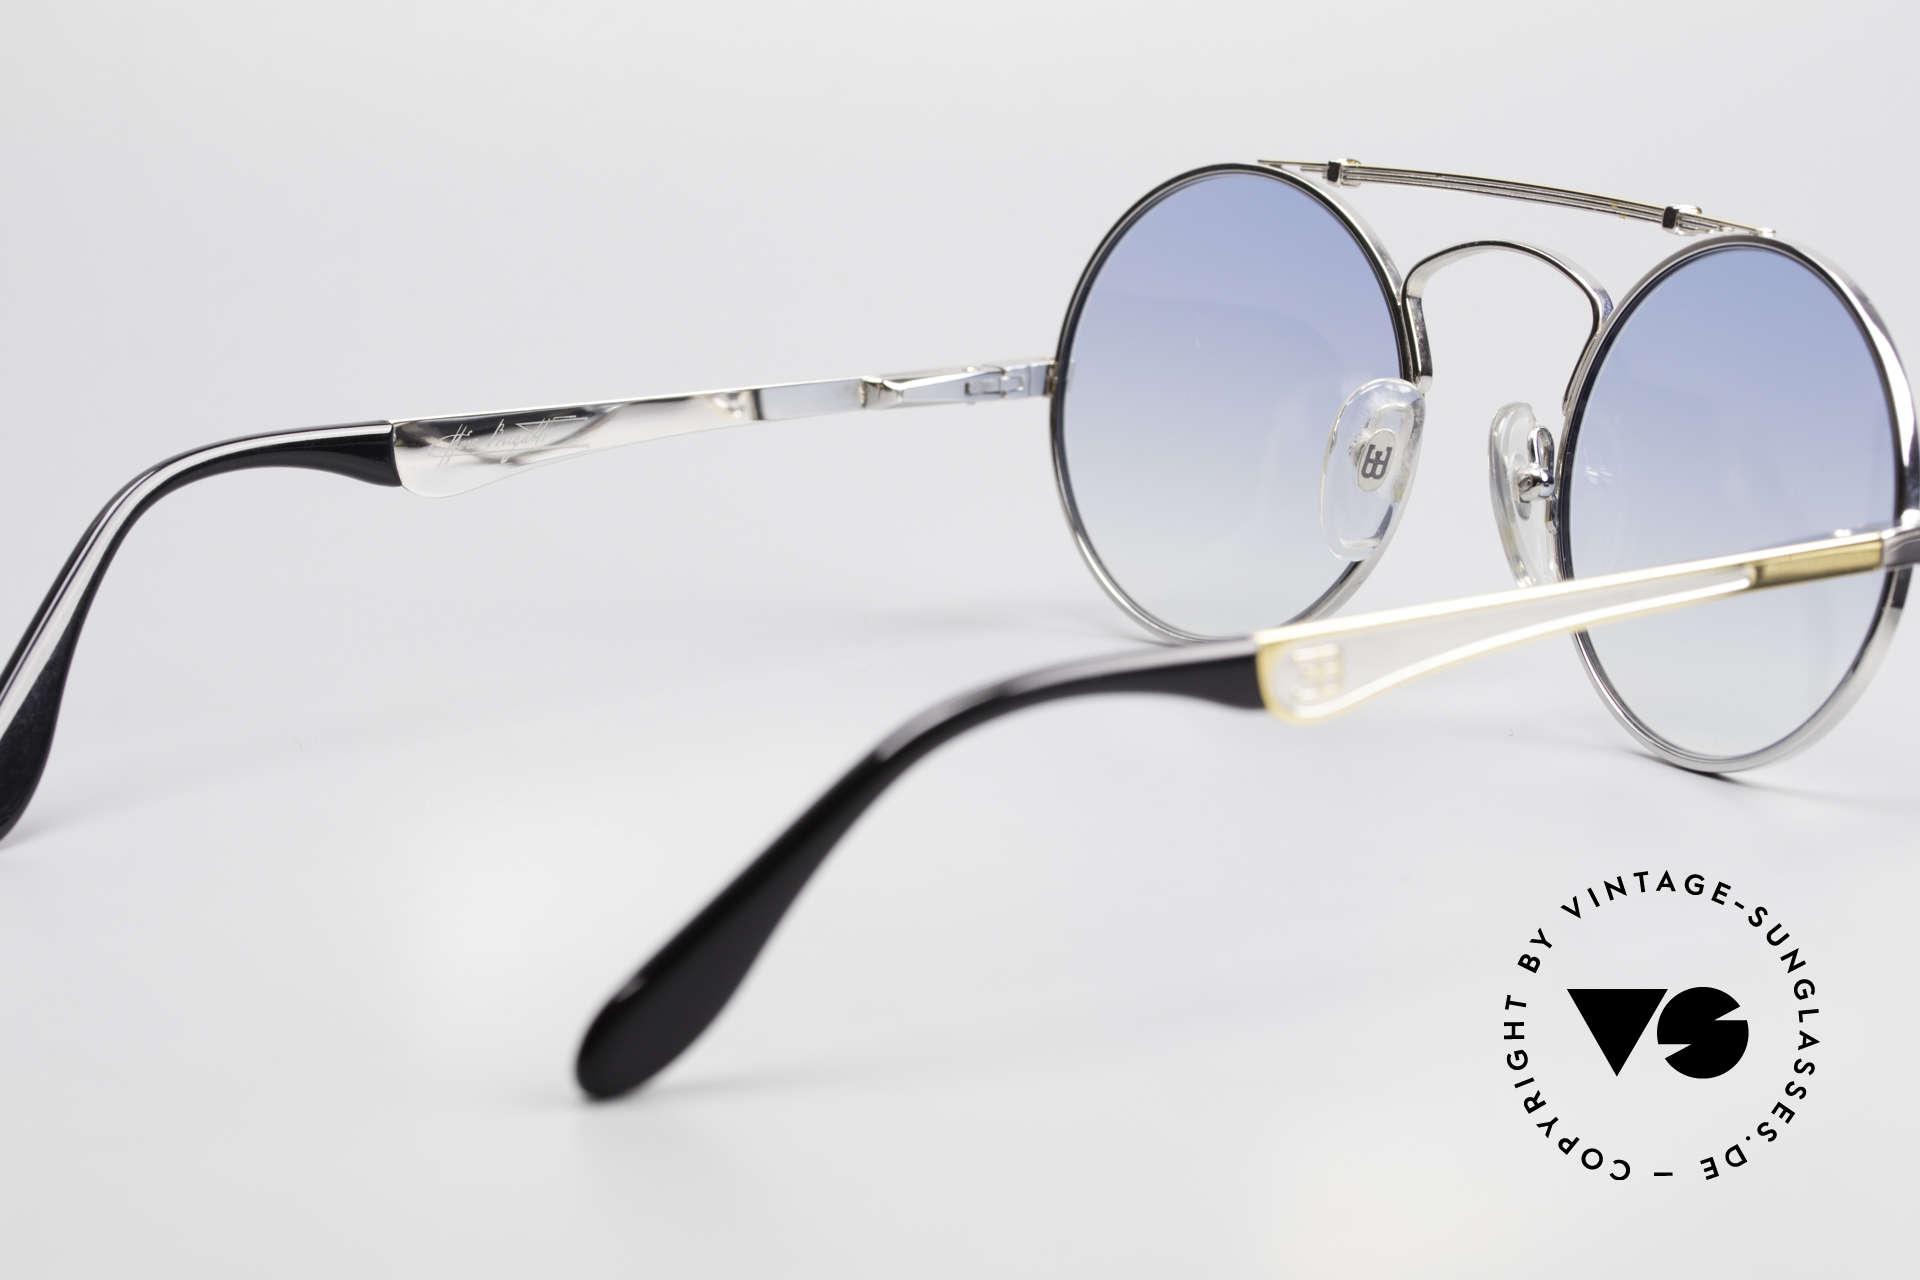 Bugatti 11709 80er Luxus Sonnenbrille Rund, ungetragenes Einzelstück; inkl. orig. Etui von Bugatti, Passend für Herren